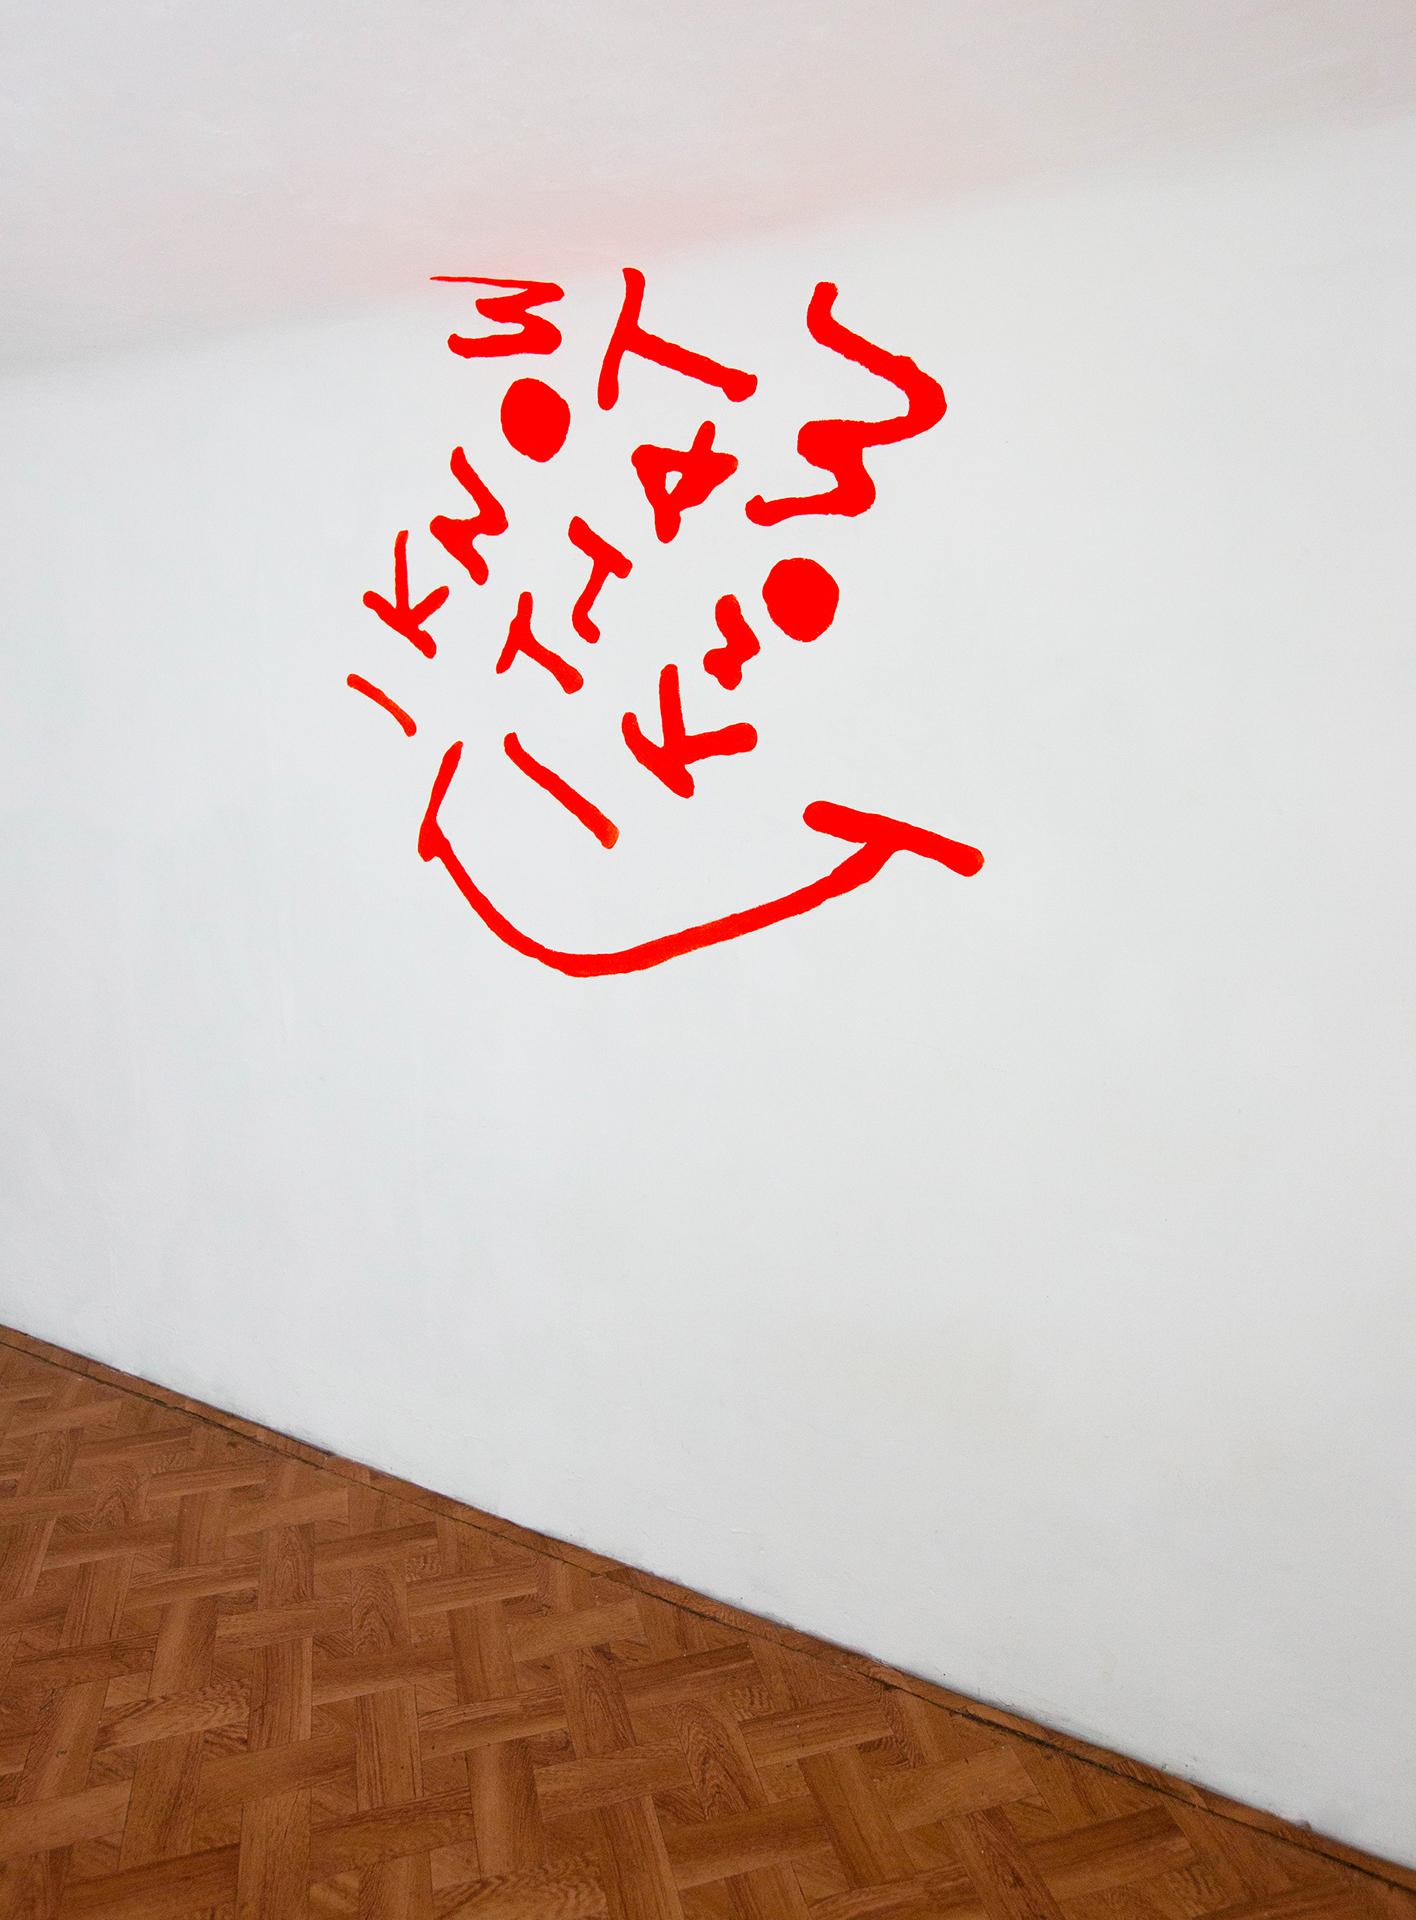 19 Andrea Martinucci - Glory Black Hole, exhibition view, Dimora Artica (ph Andrea Cenetiempo).jpg